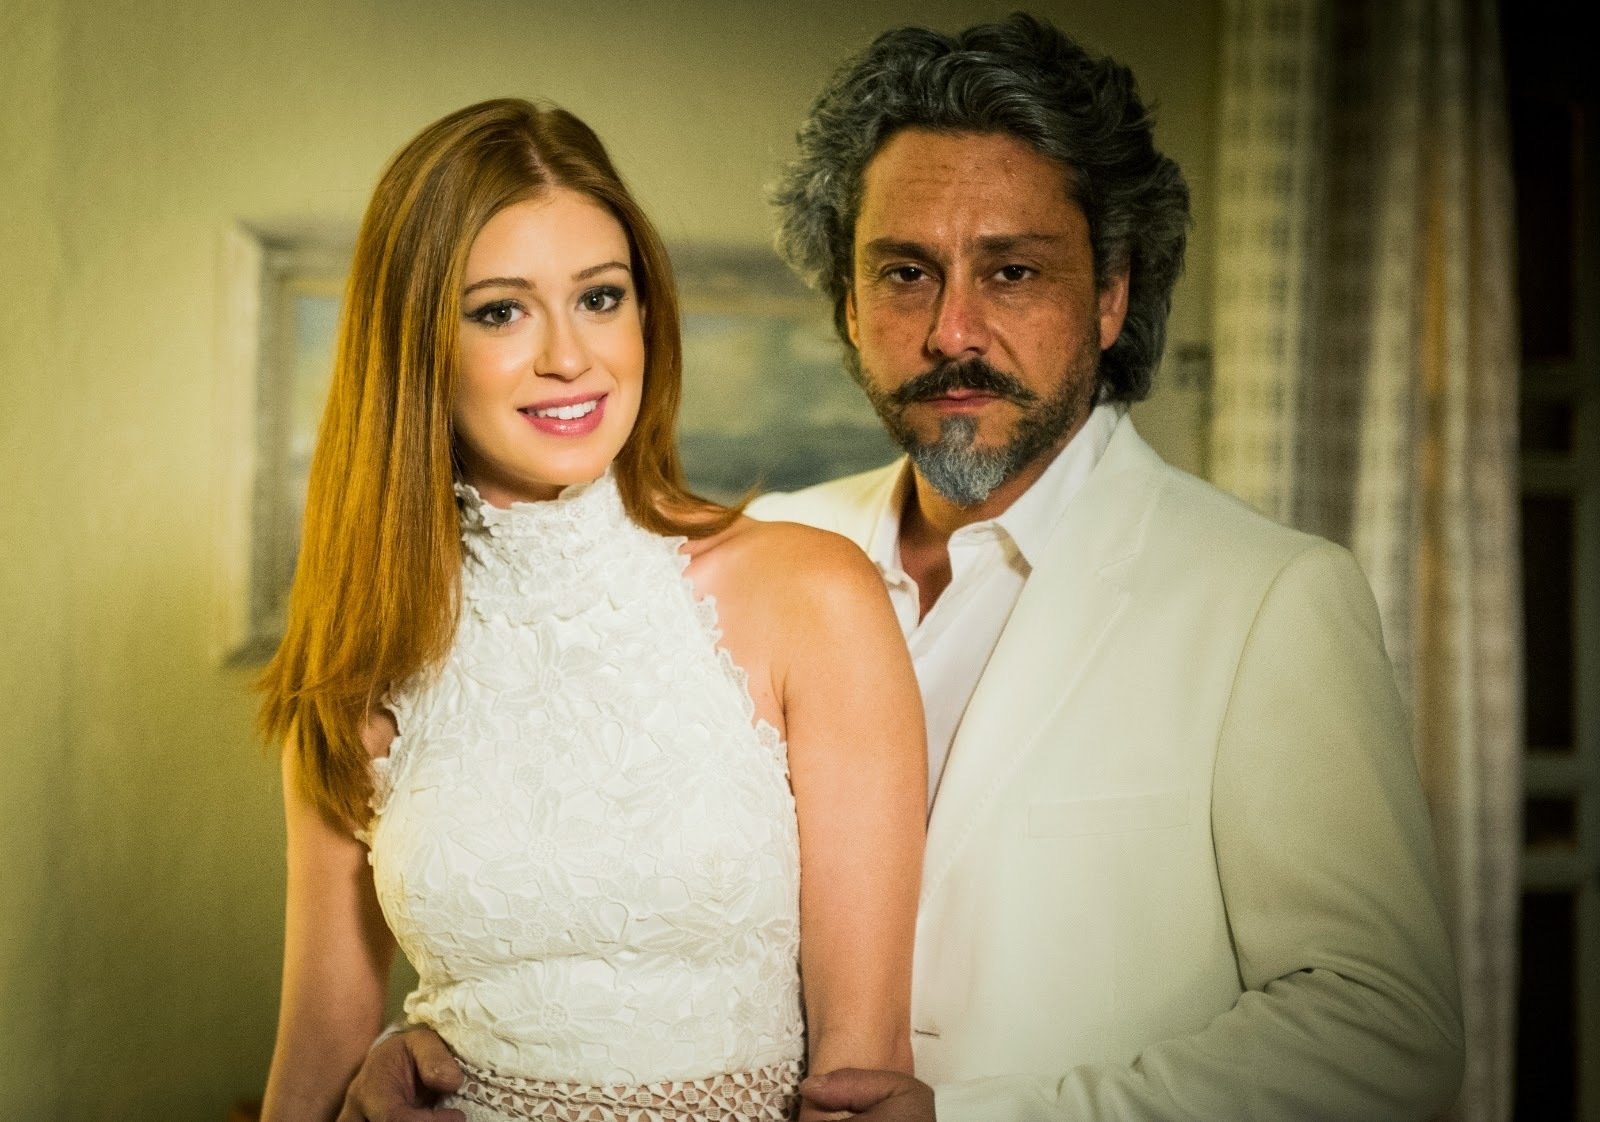 Marina Ruy Barbosa na personagem Sugar Baby/Reprodução Globo